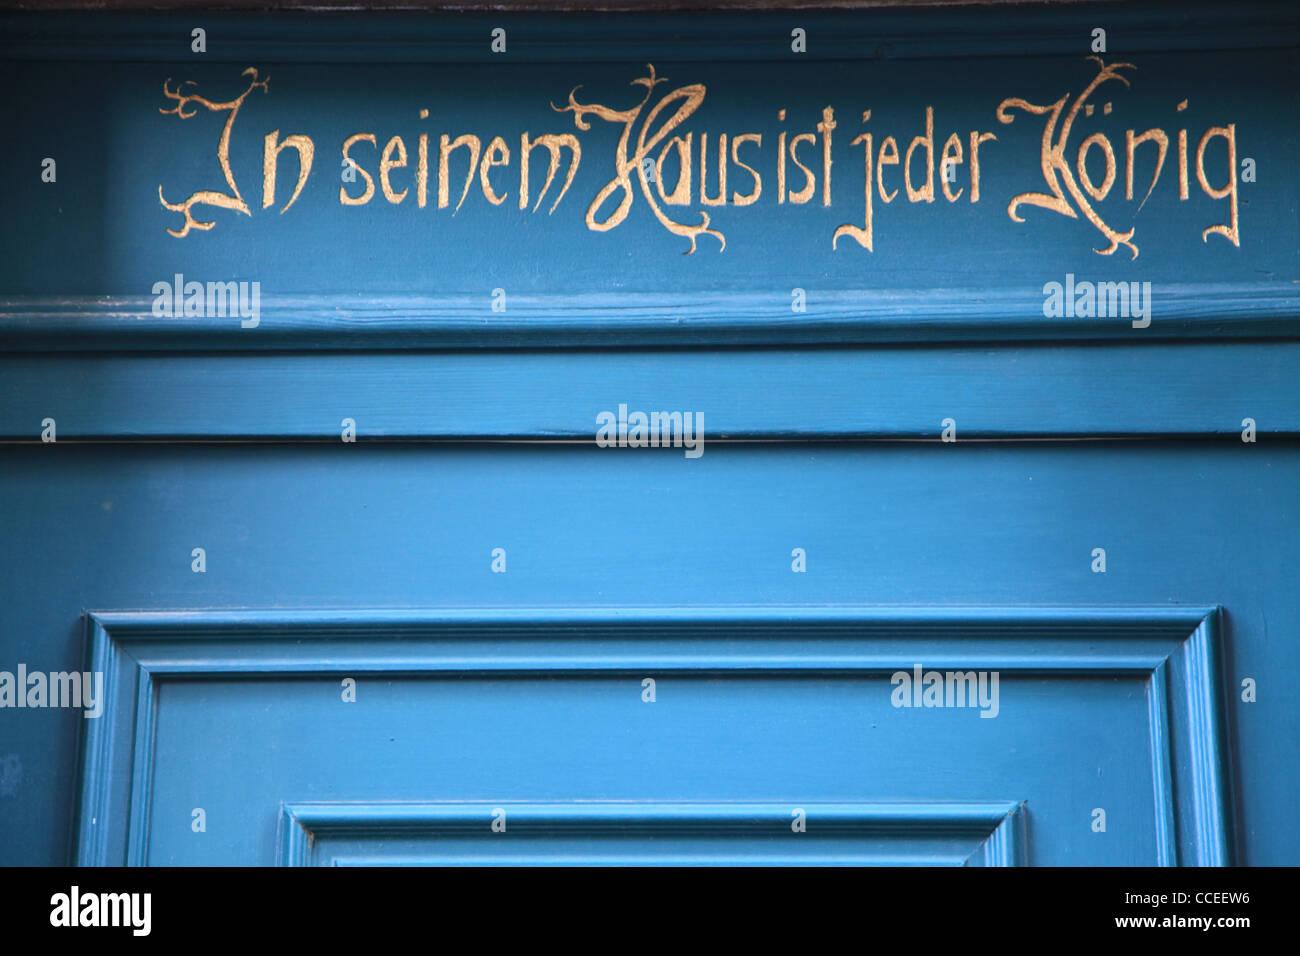 Haustür,door,historisch,historic,Deutschland,Germany,Kasettentür,blau,rot,schwarz,Rechteck,Inschrift,Sonnenschein,Idyll,idyll - Stock Image